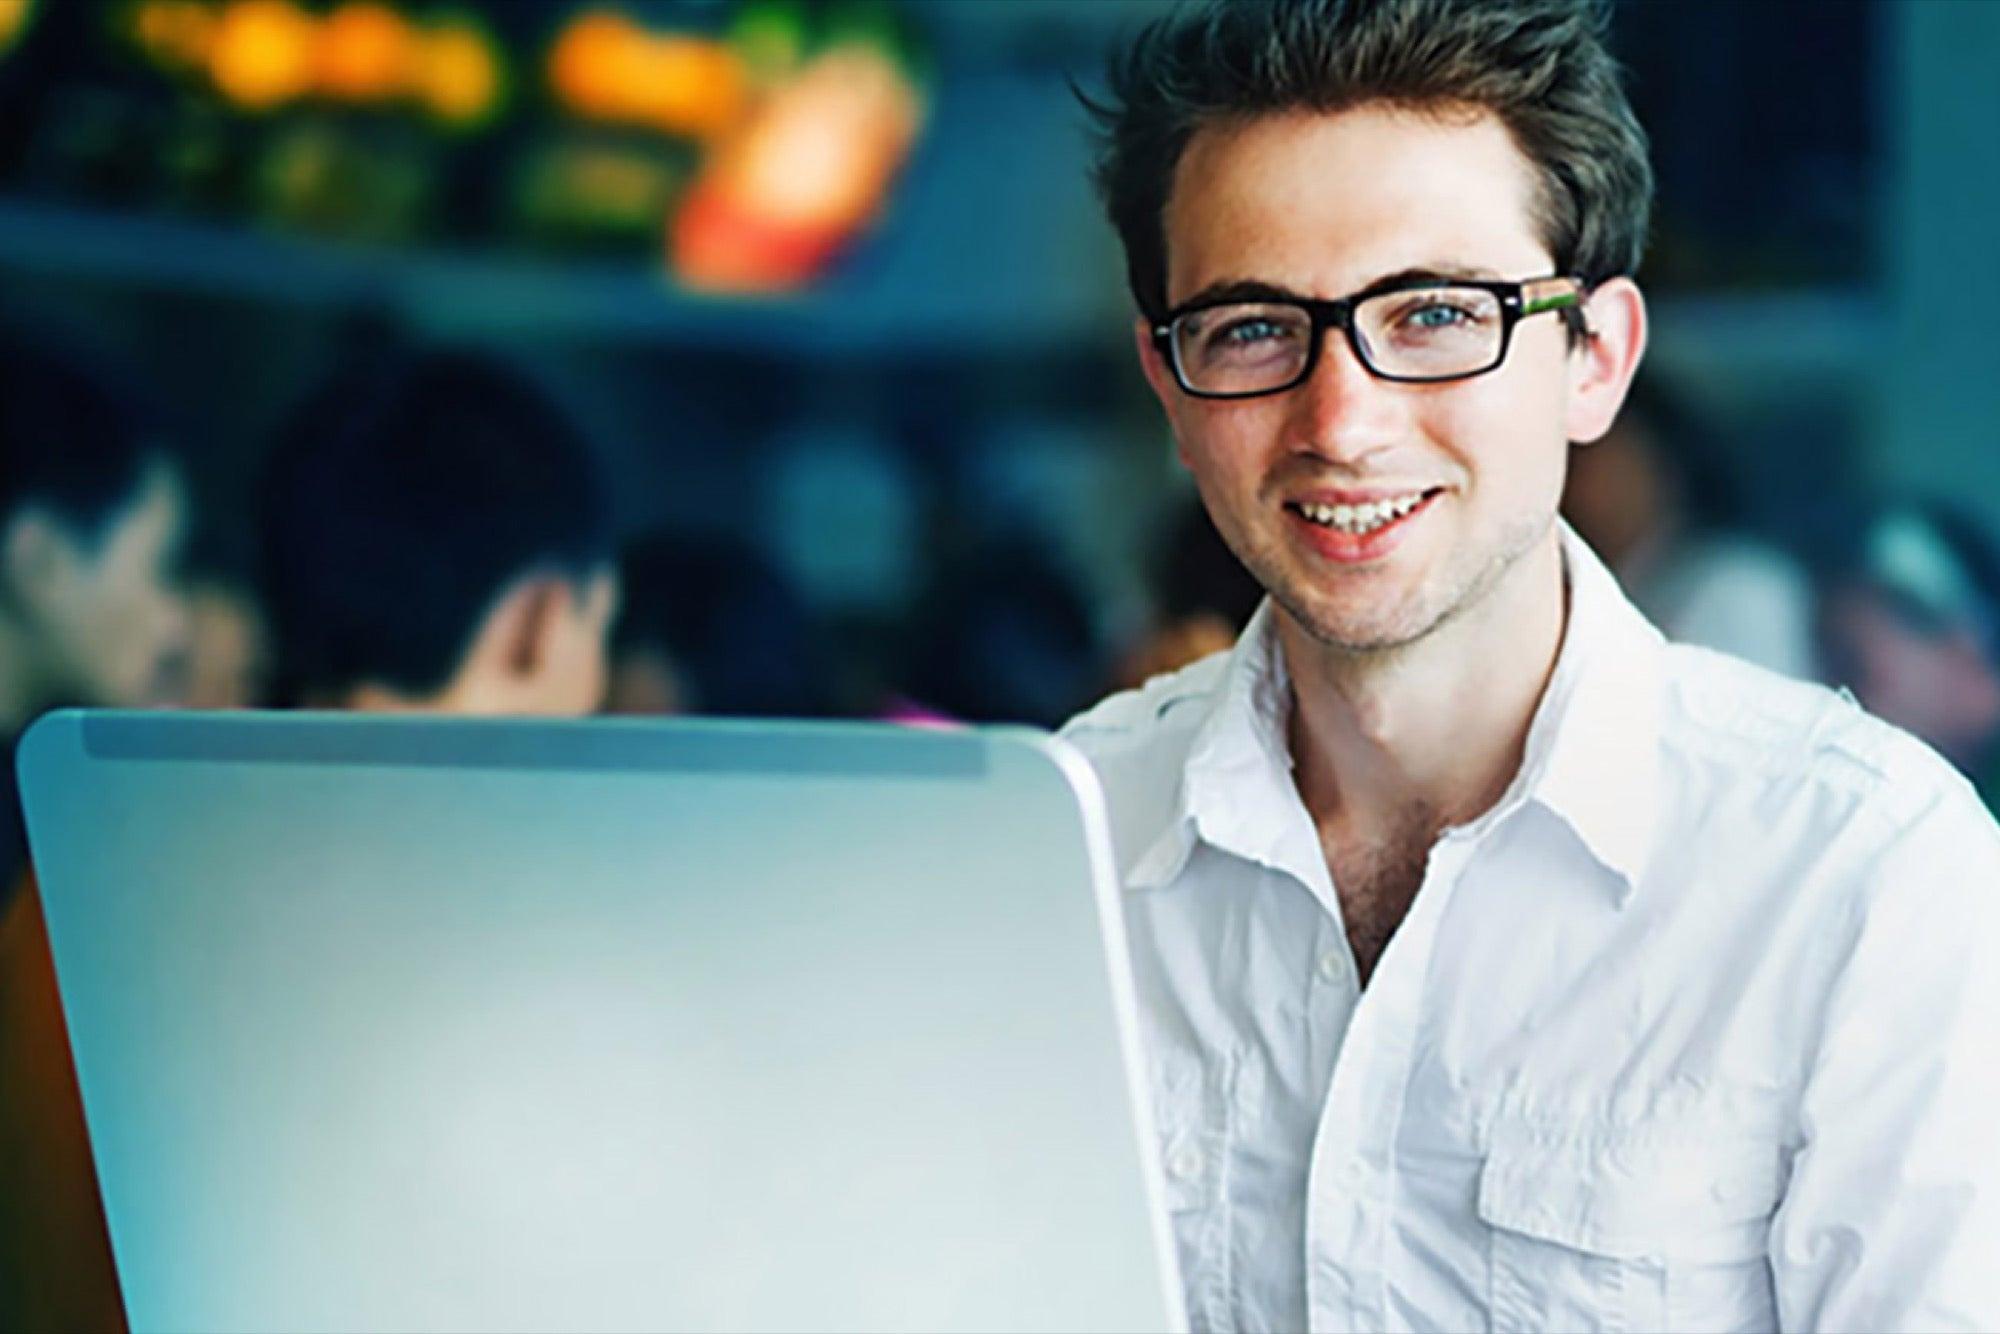 En línea para adultos servicio de citas para hombre de mediana edad